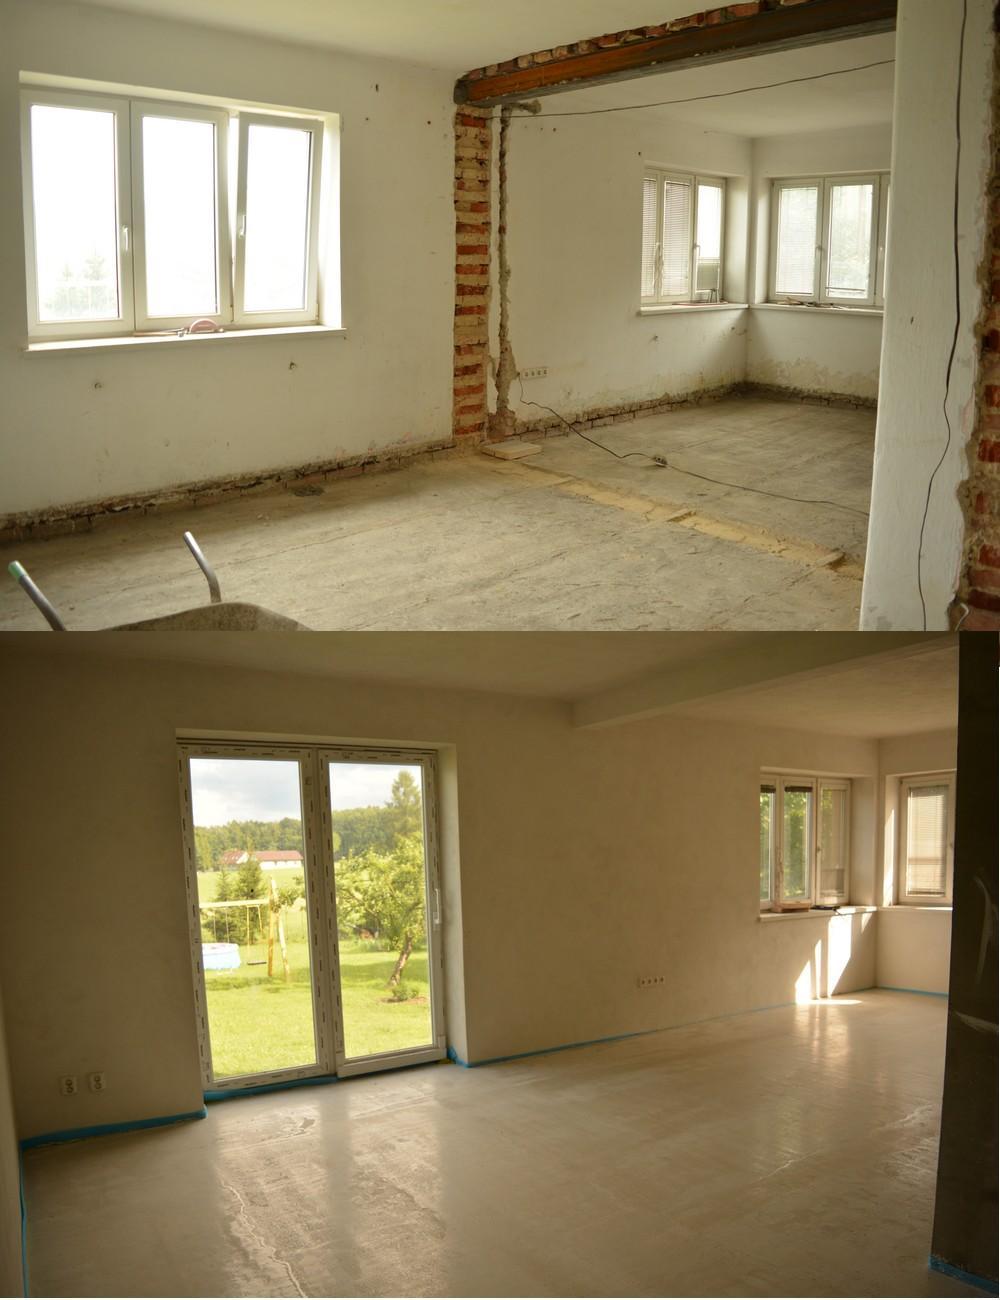 Náš nový domov ... - Ty zbourane zdi nahore nejsou puvodni stav .. stav uplne pred mam spatne zachycen :D